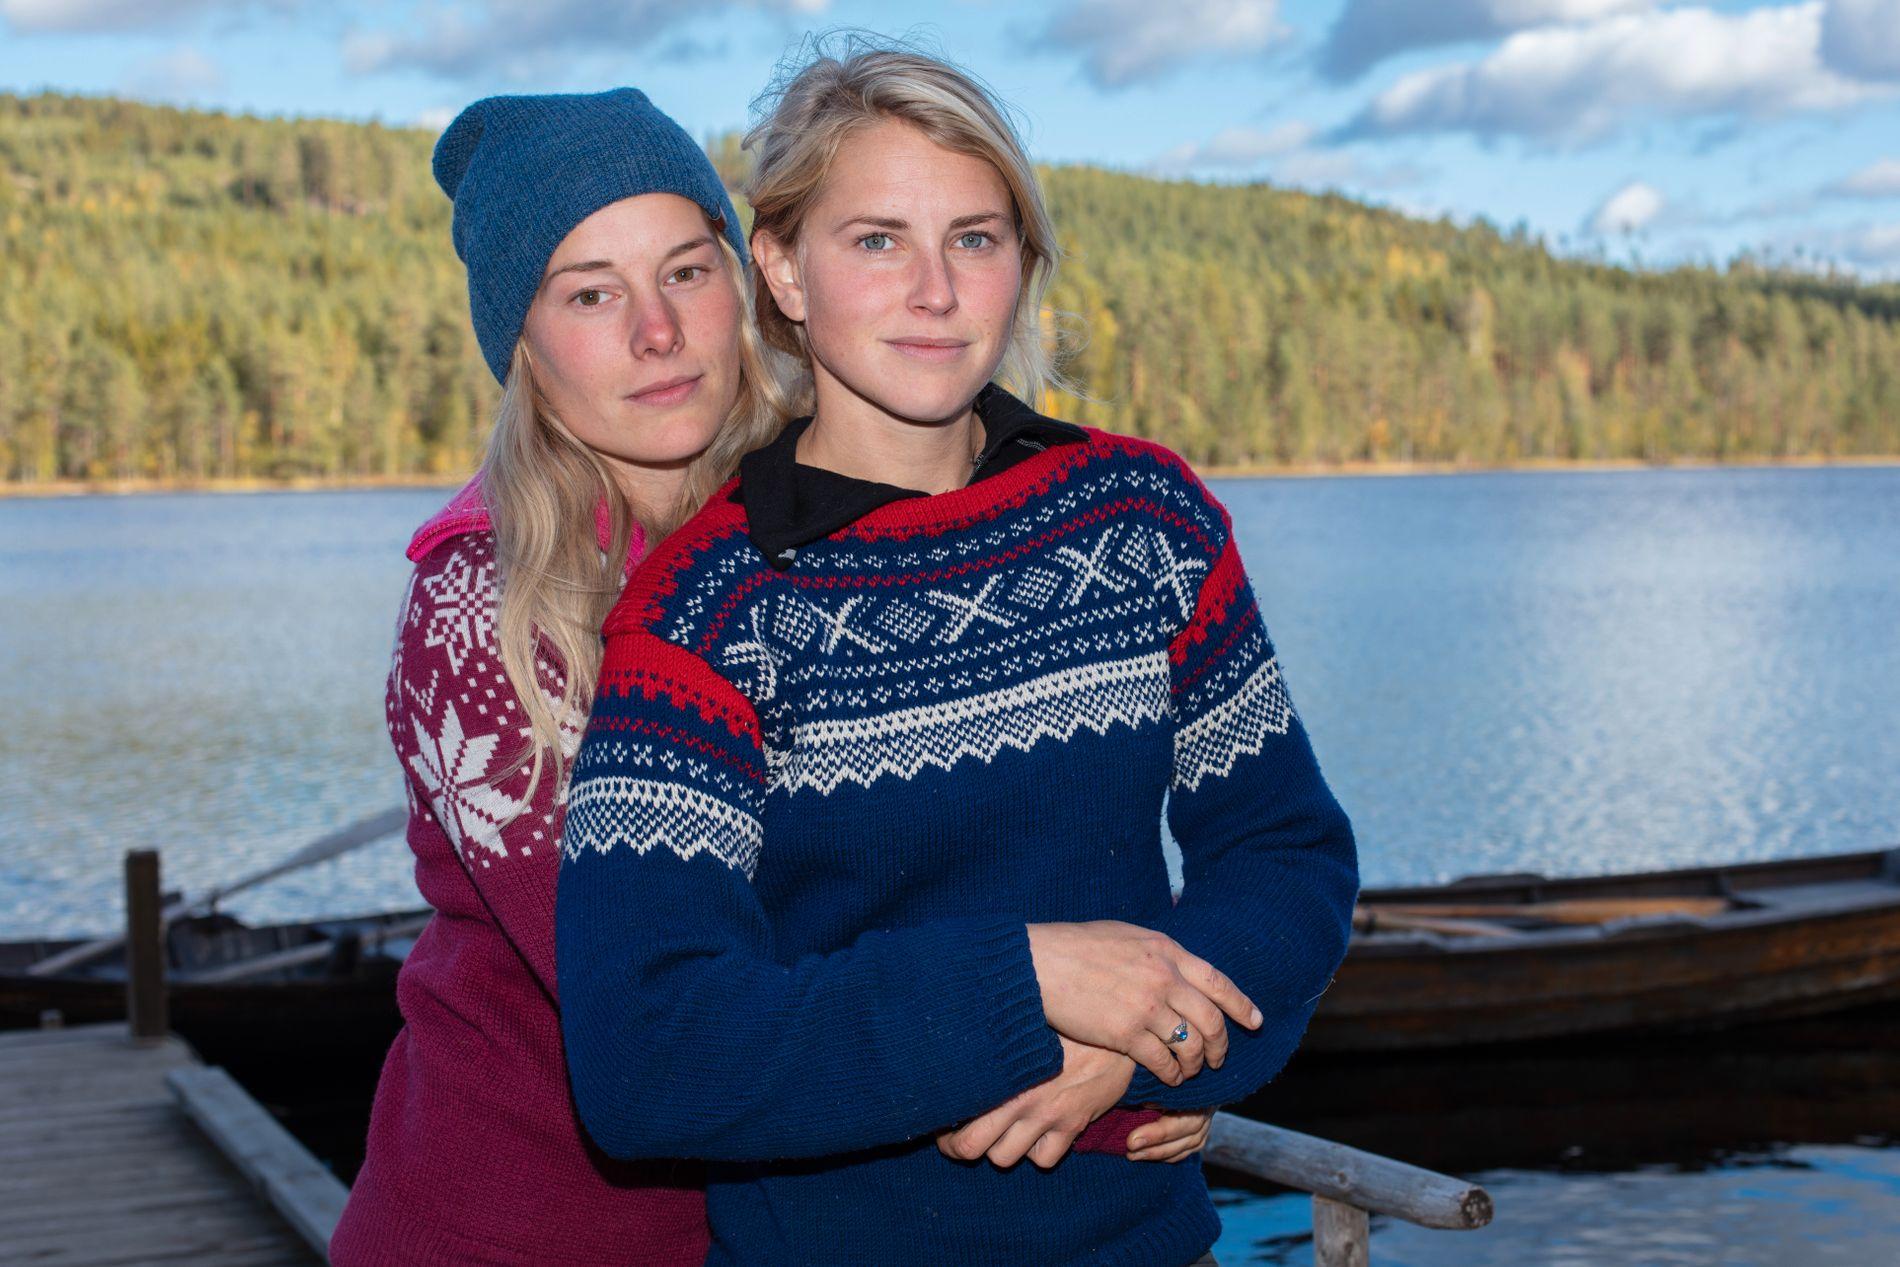 MED PÅ LAGET: Tonjes kjæreste, Lene Sleperud, forsynte seg også godt av matleveransen de fikk i uke 4.